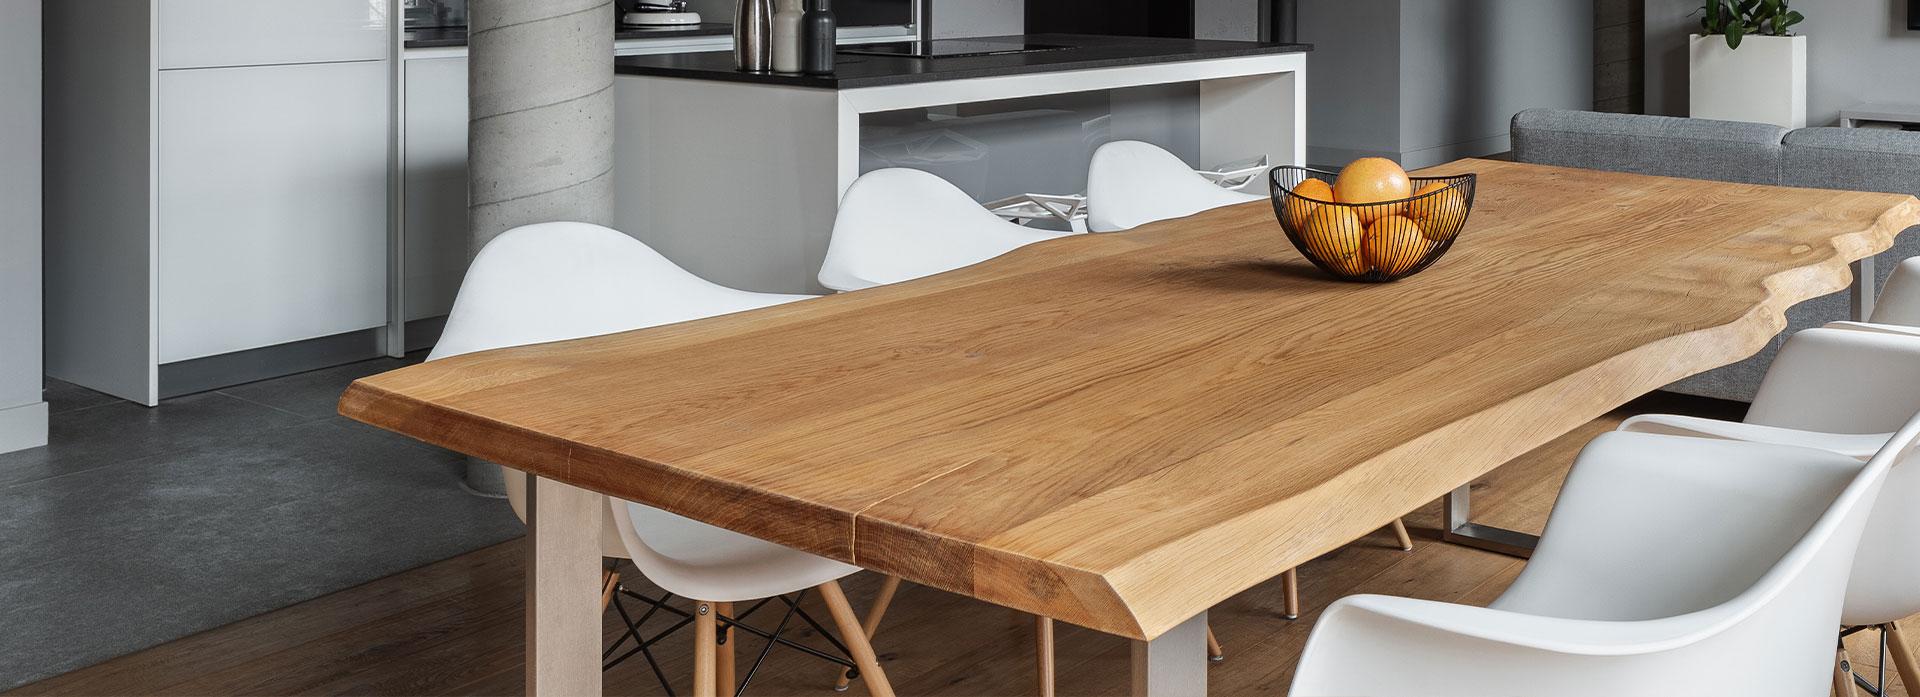 tavolo falegnameria